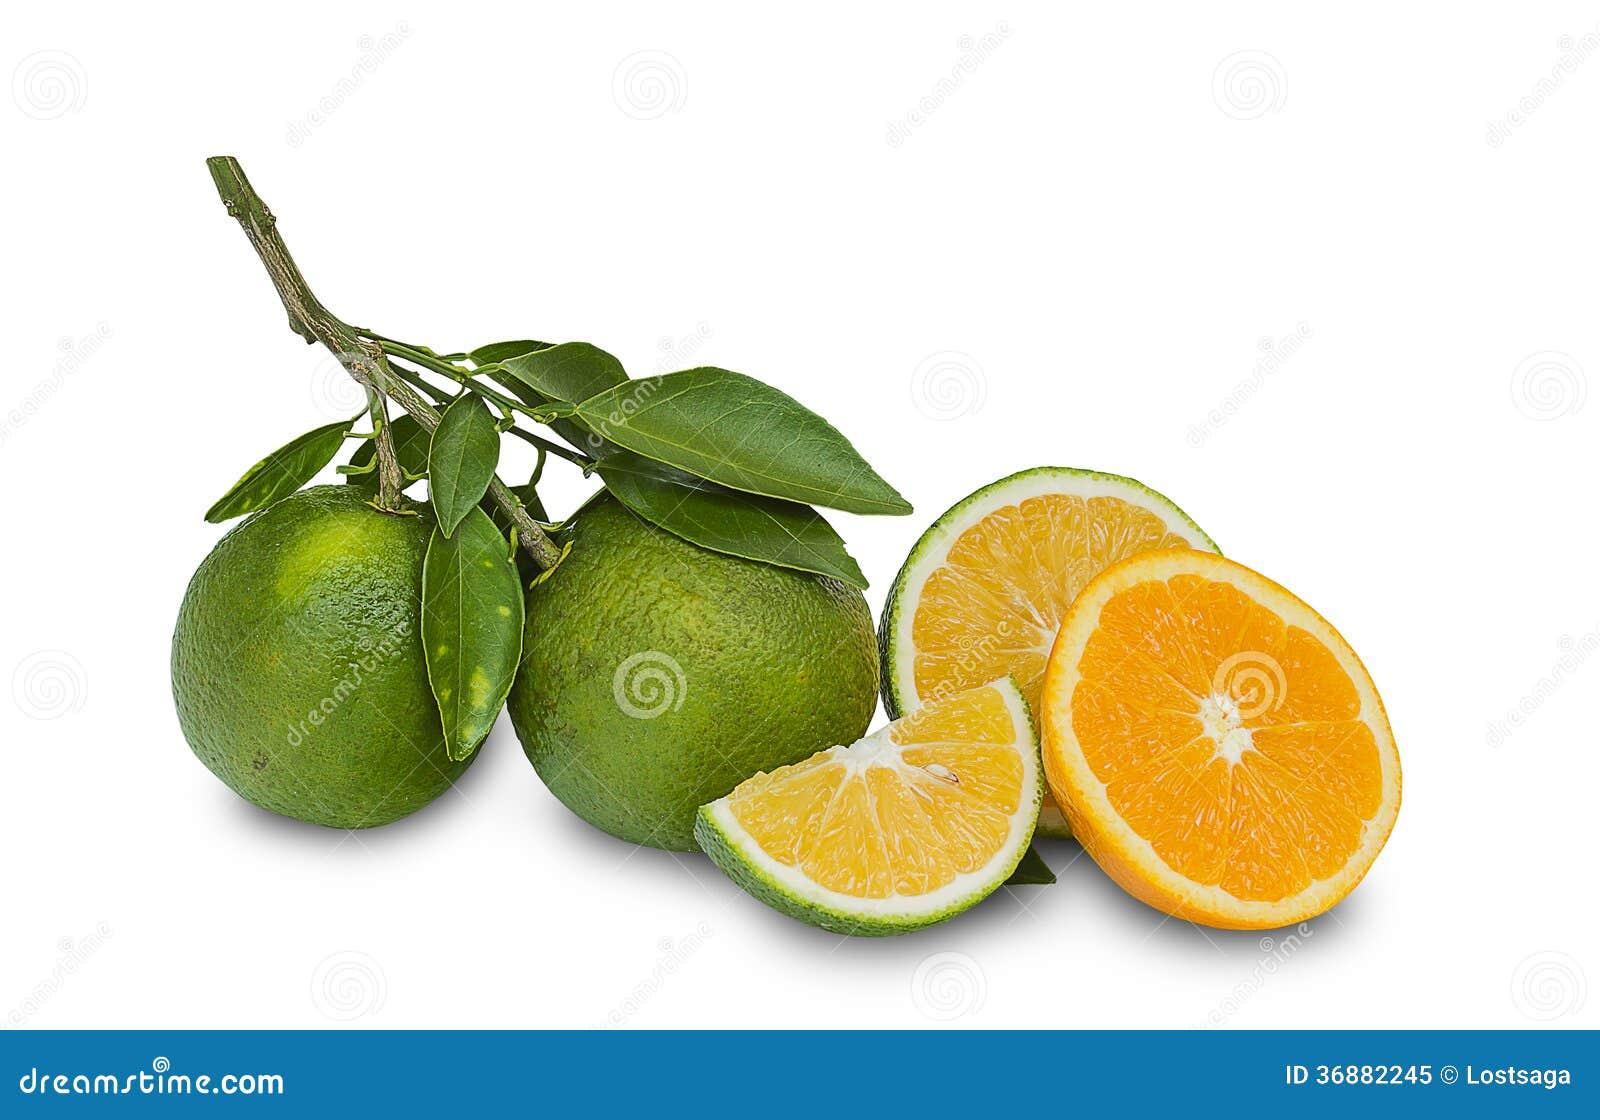 Download Arancia dolce immagine stock. Immagine di organico, verde - 36882245